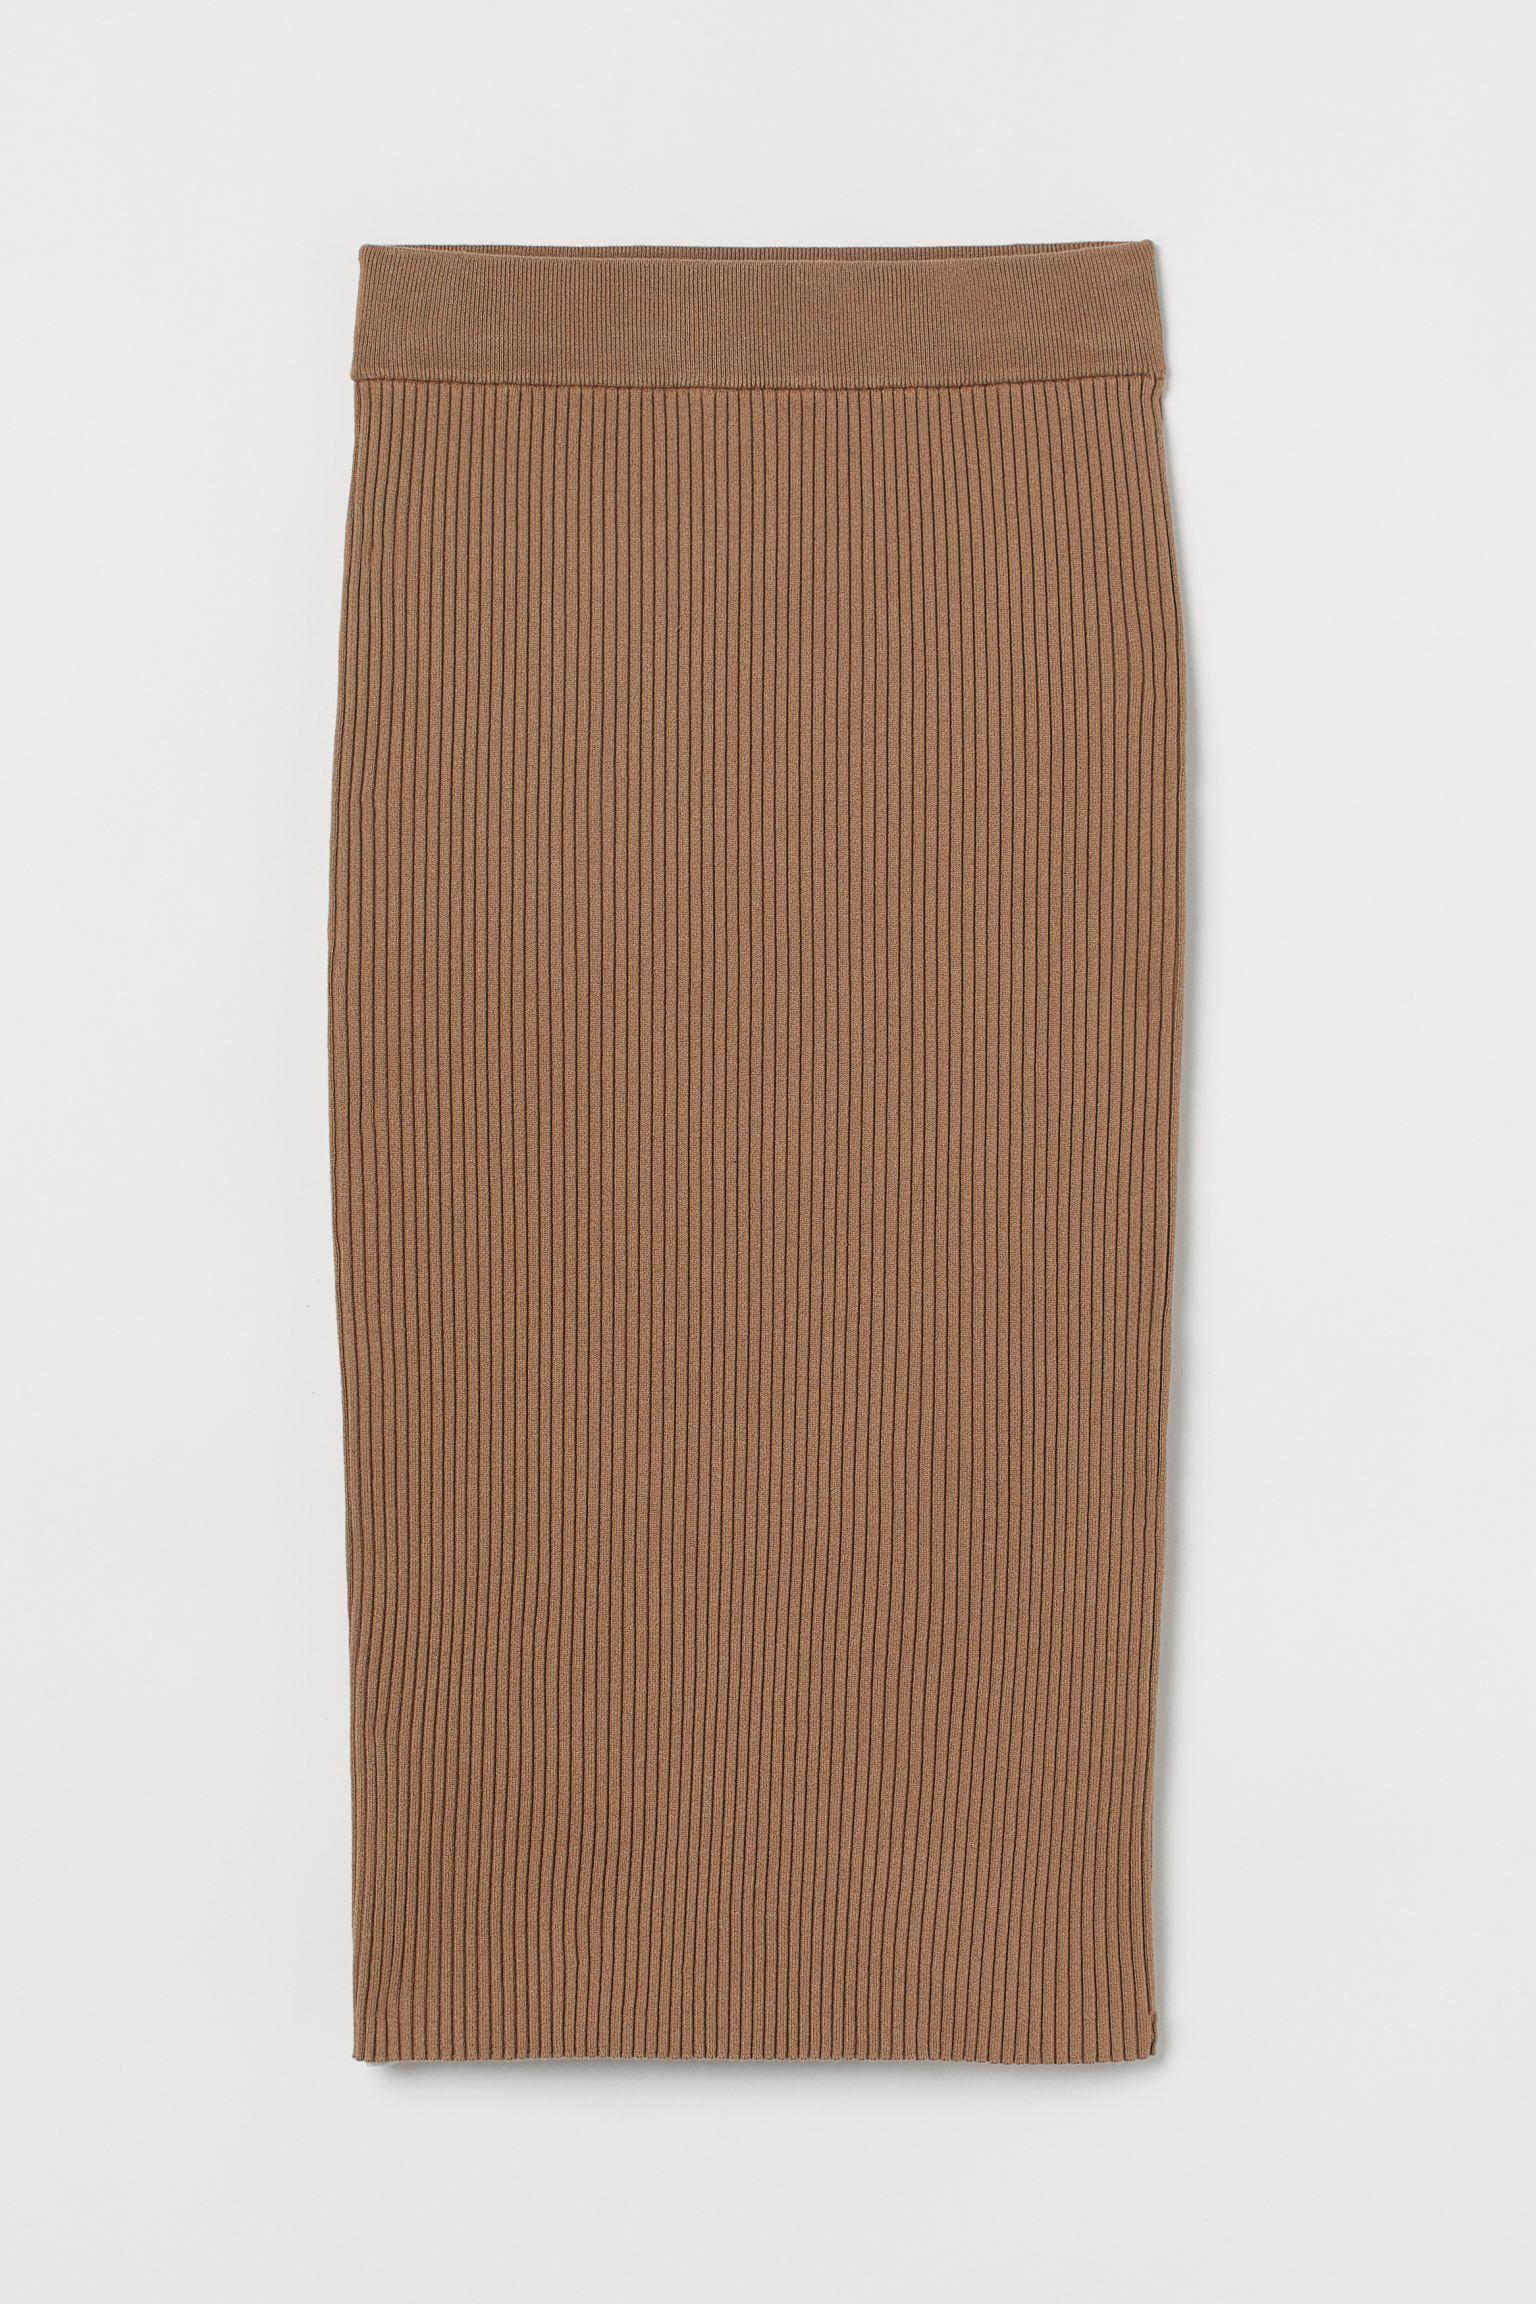 Falda midi en punto de canalé de mezcla de viscosa LivaEco™. Modelo ajustado de talle alto con elástico revestido en la cintura y abertura detrás.